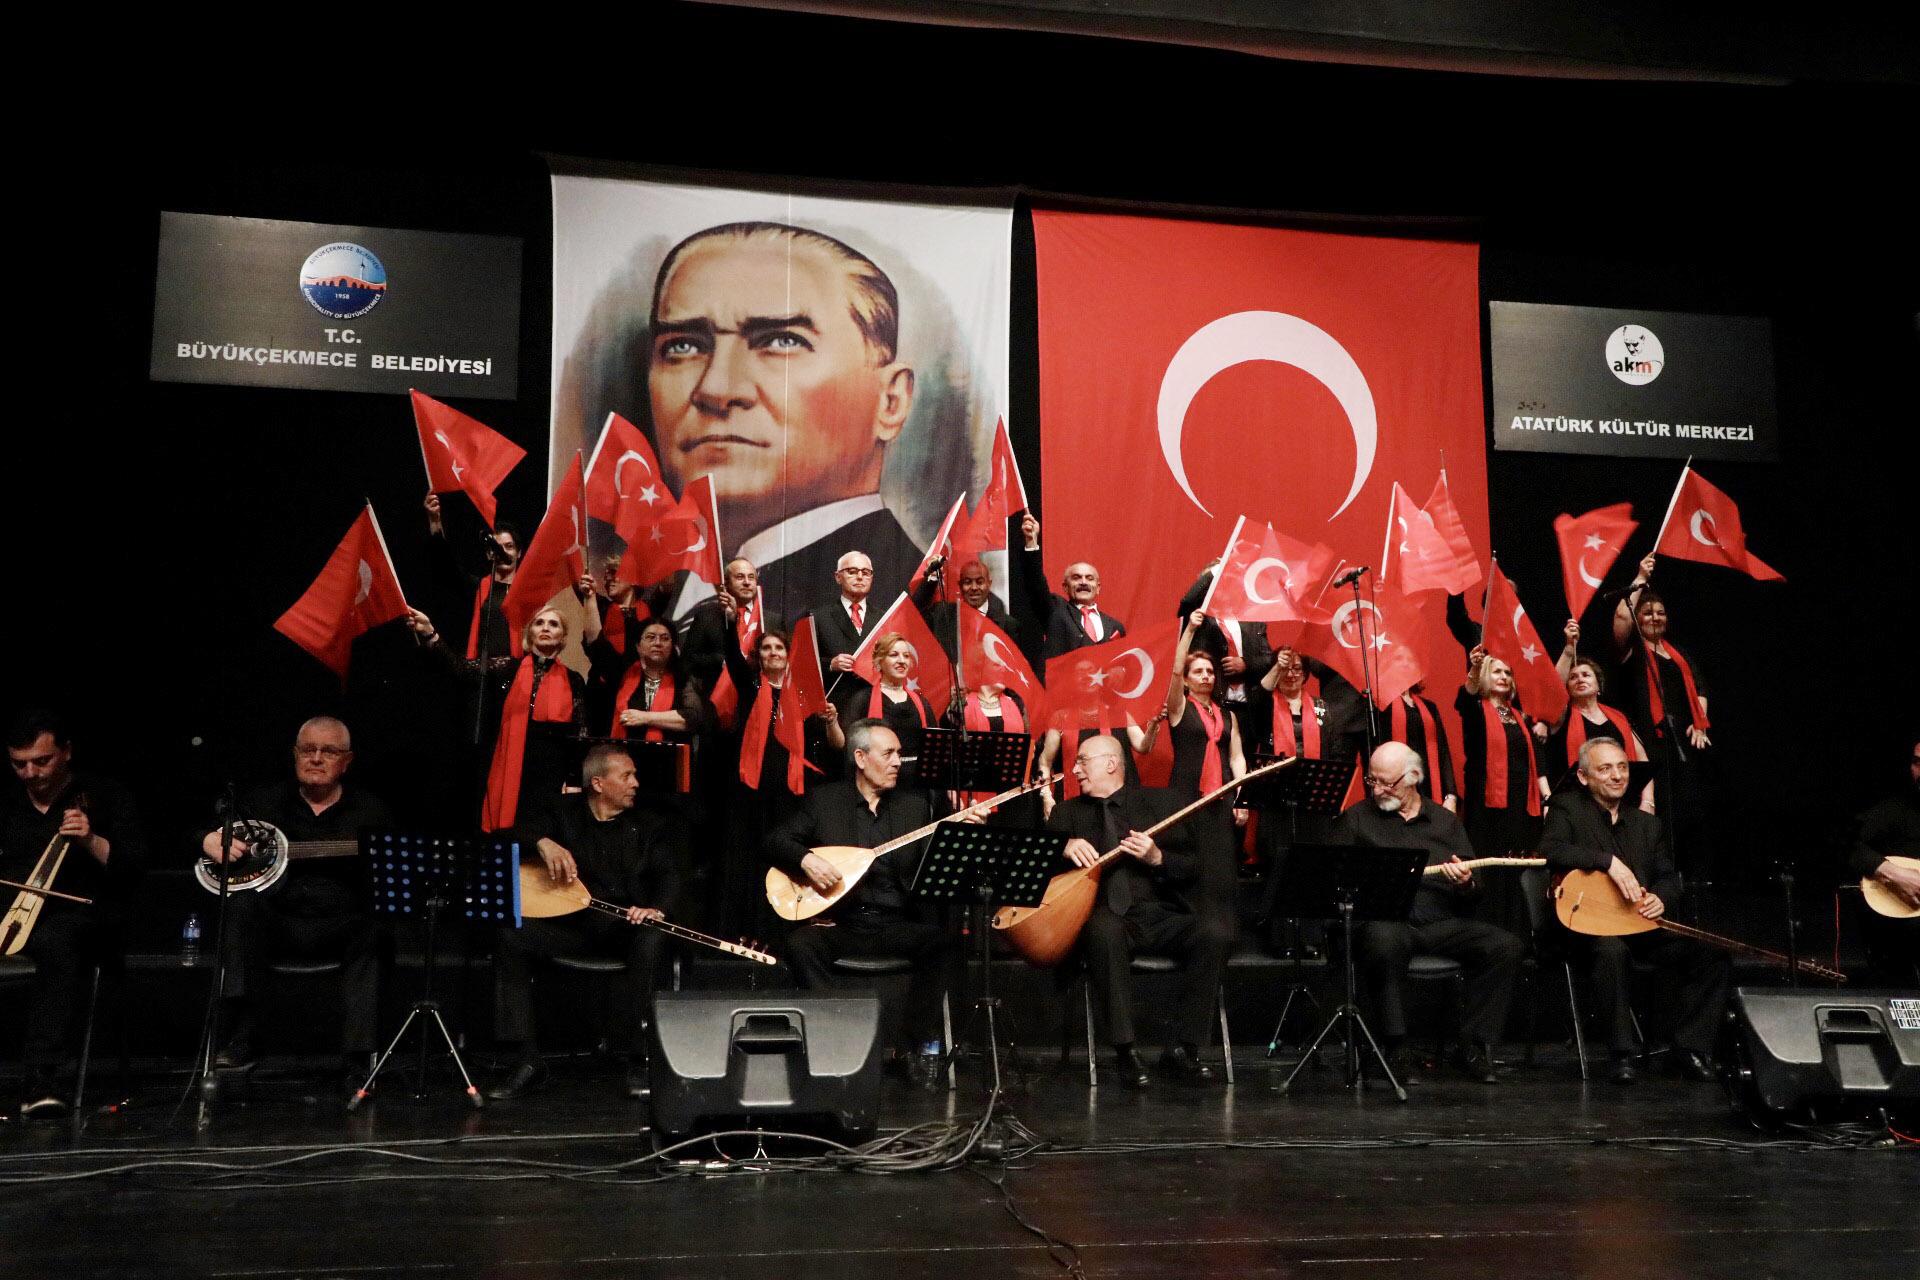 Büyükçekmece'nin emekli öğretmenlerinden muhteşem konser